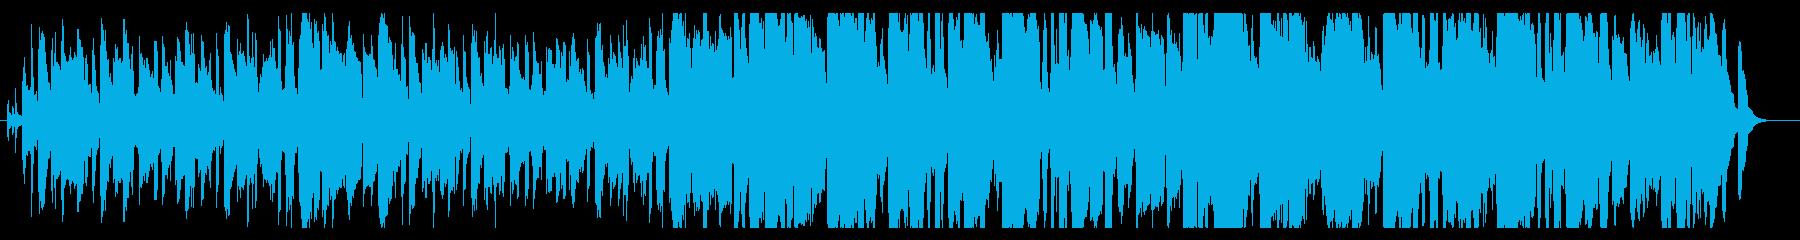 ショートムービー向けの明るいBGMの再生済みの波形